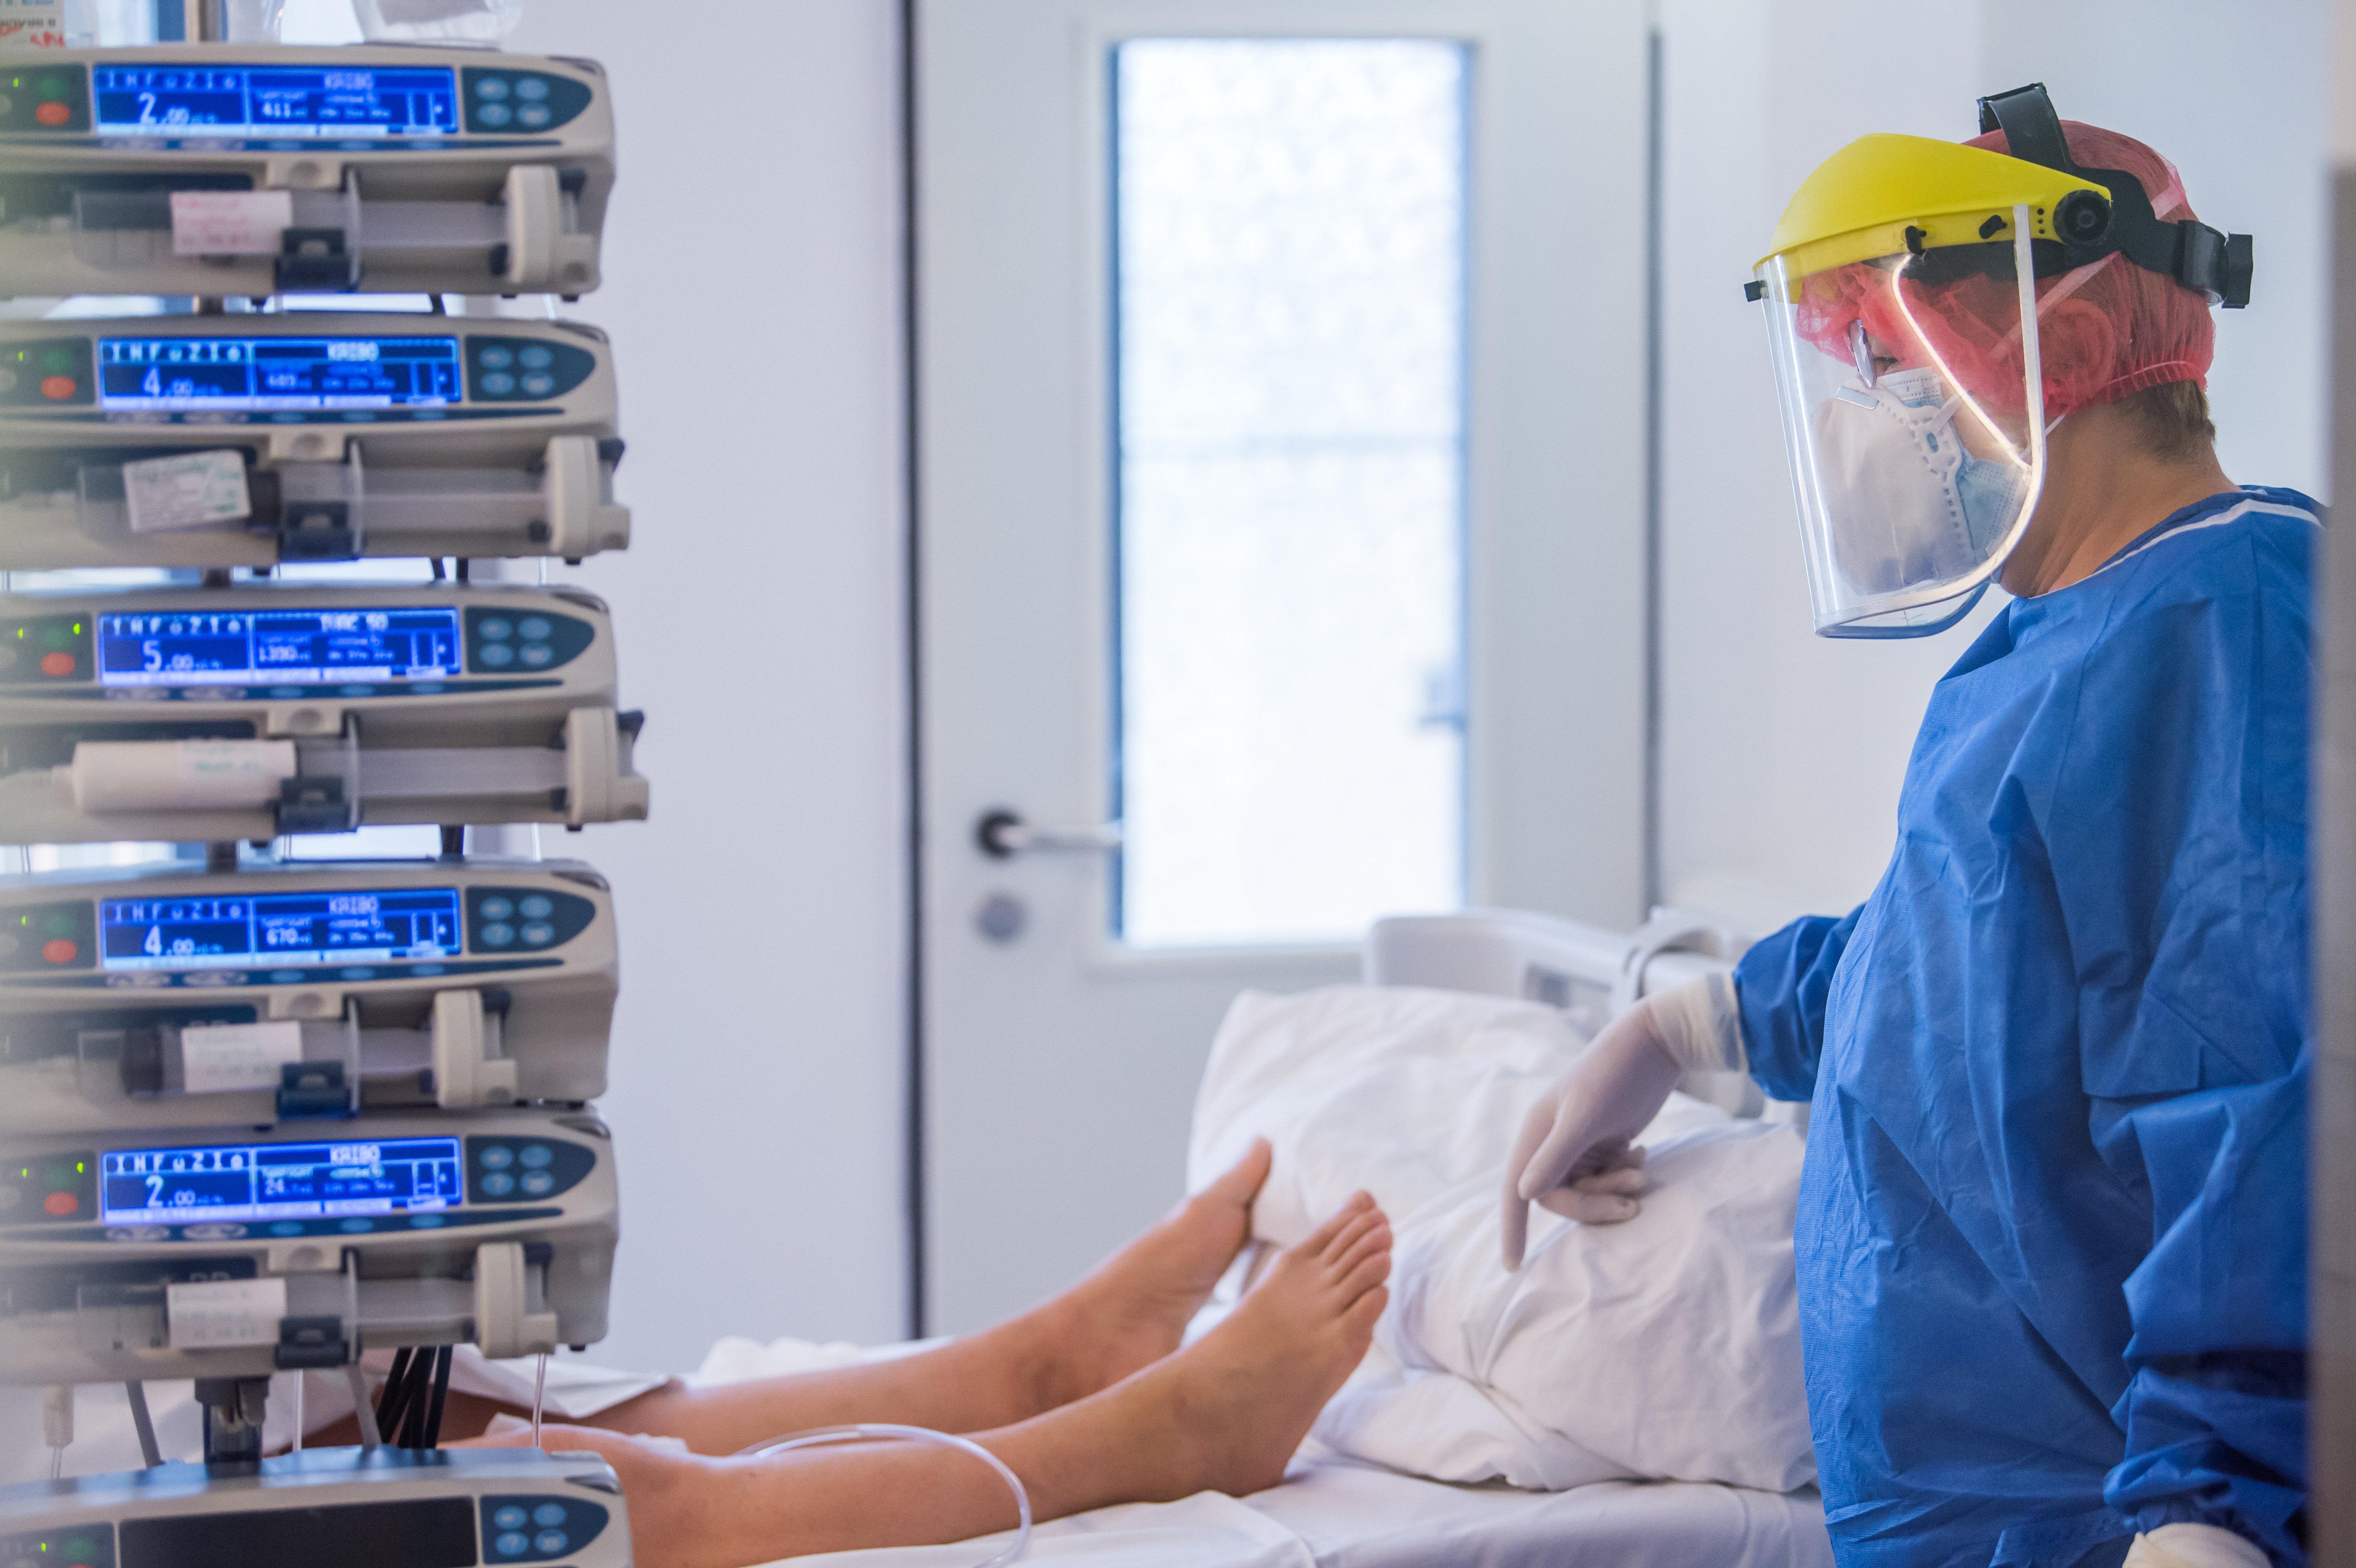 A győri kórházigazgató szerint már most több a beteg, mint amennyire elegendő lenne a személyzet